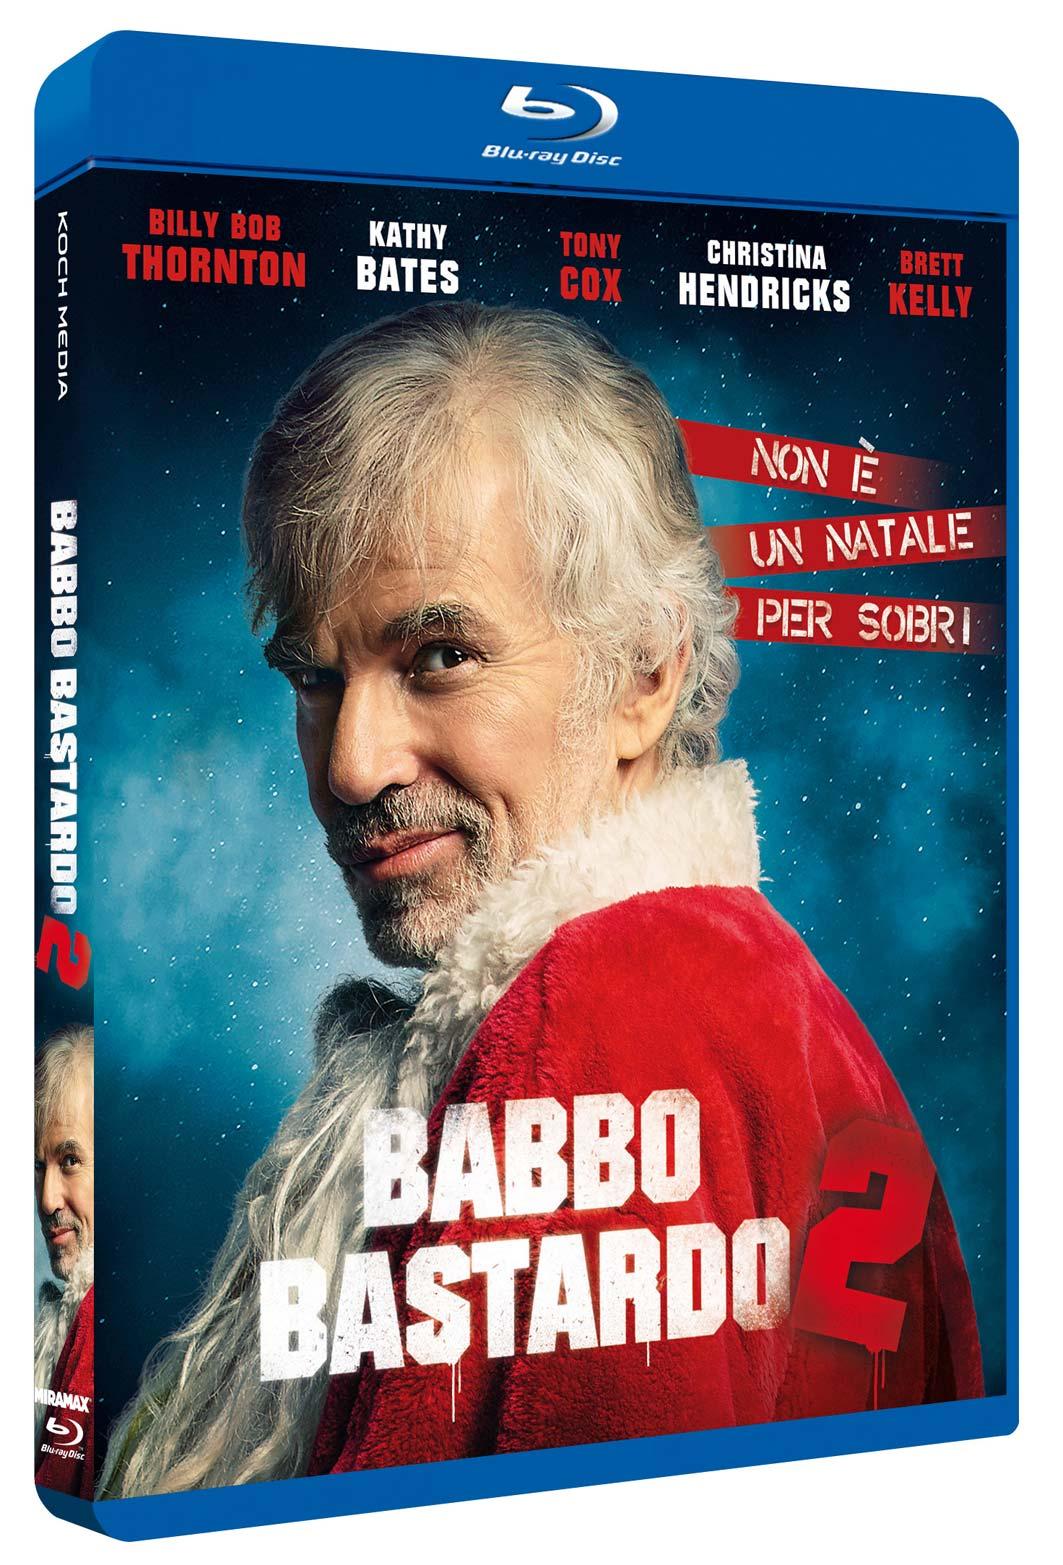 BABBO BASTARDO 2 - BLU RAY